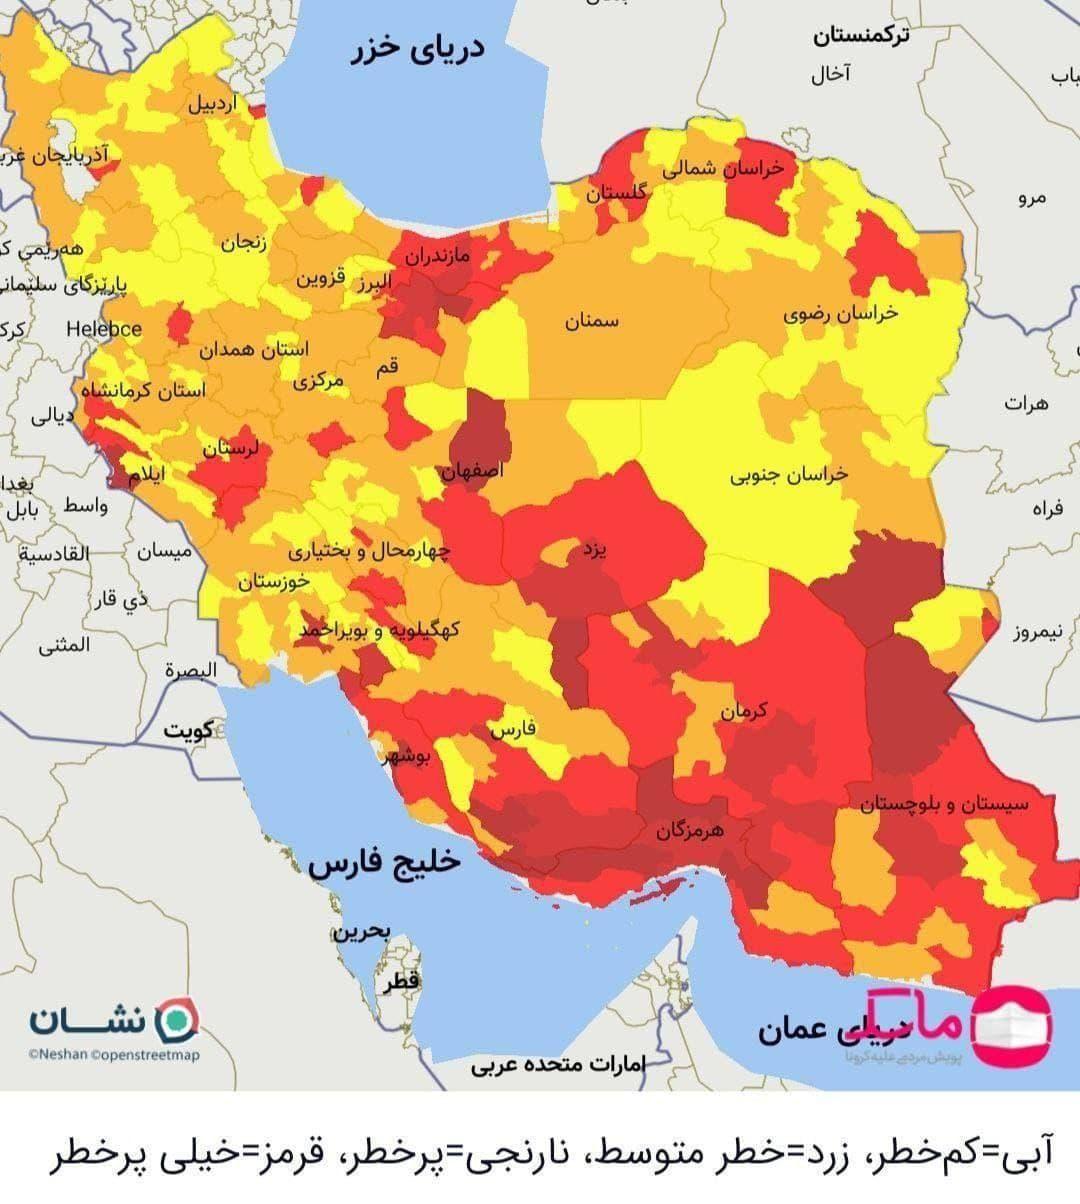 اعلام وضعیت قرمز کرونا در ۱۵ مرکز استان